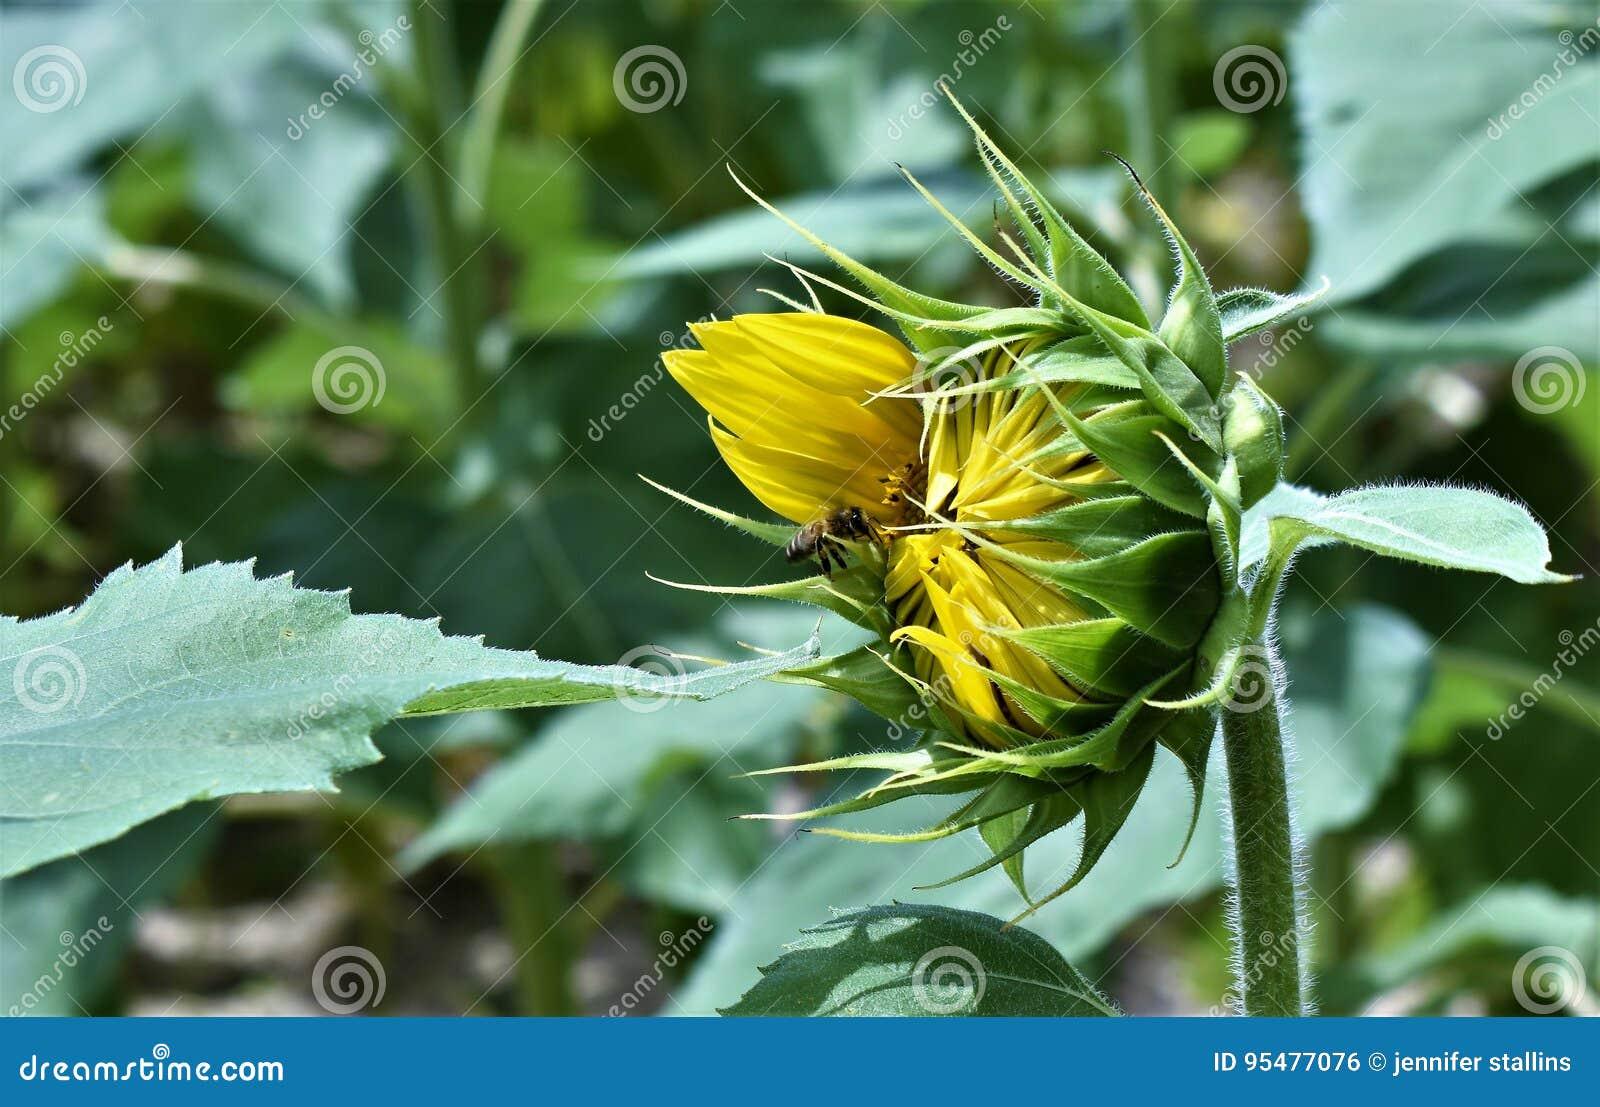 żółty słonecznik